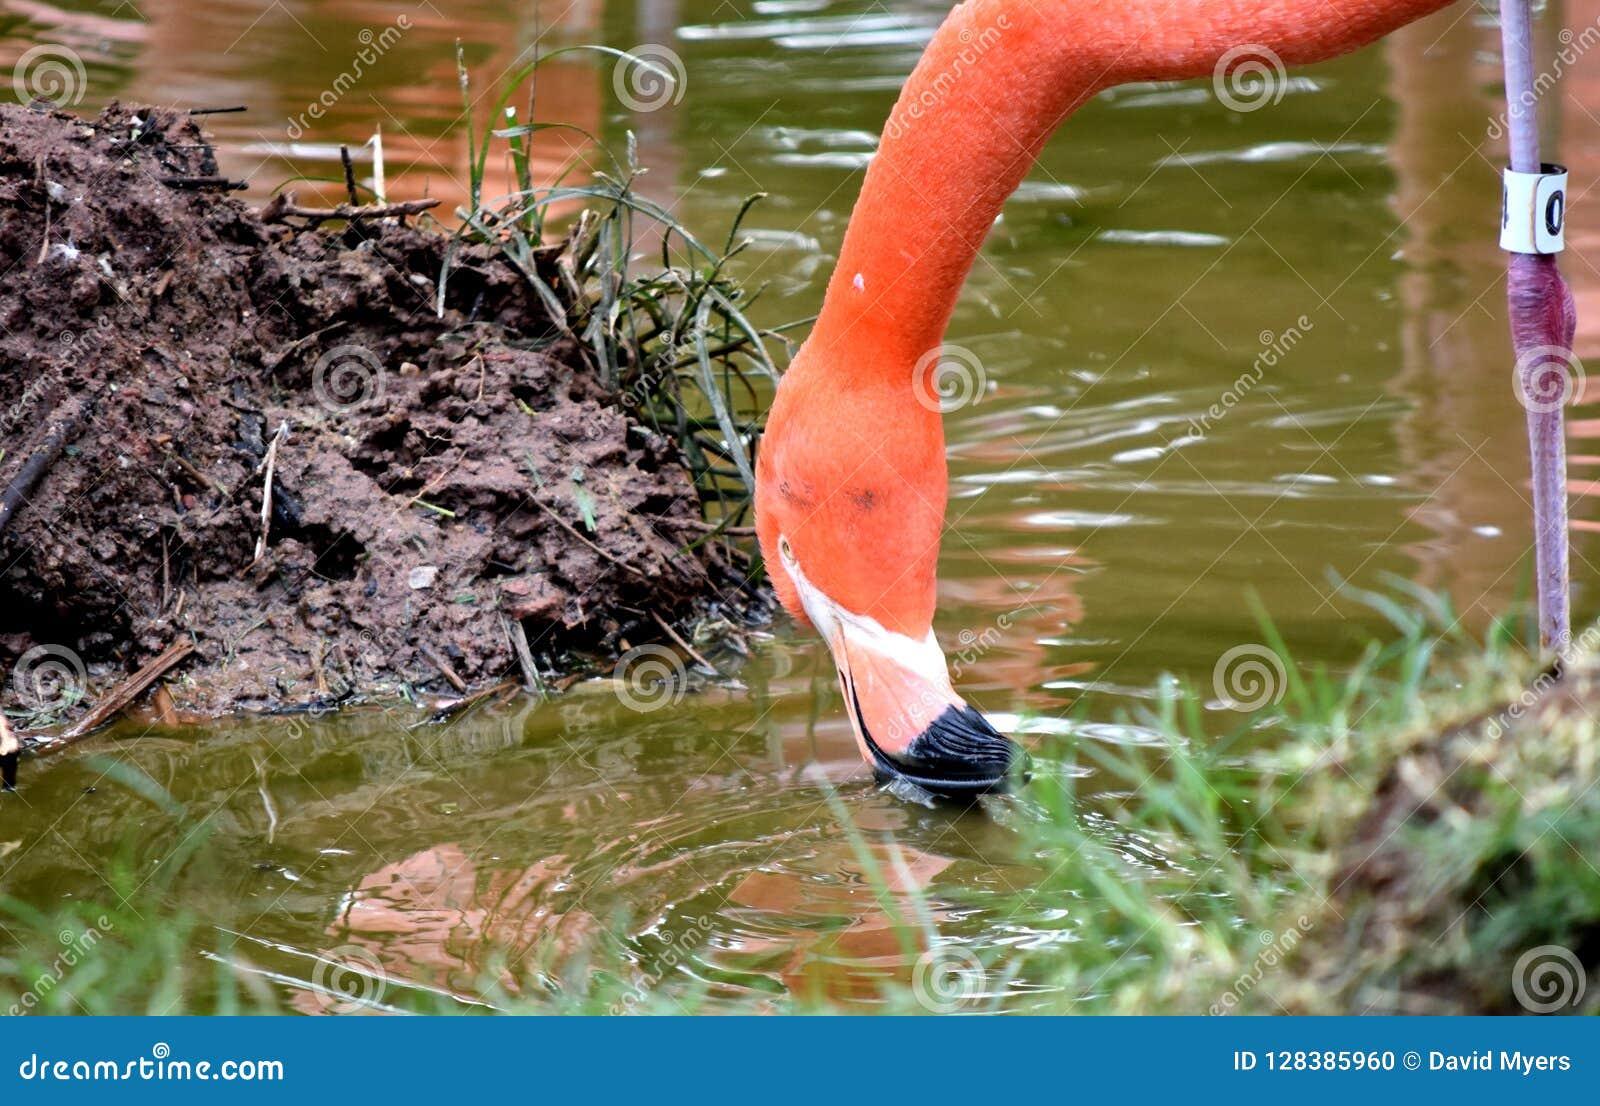 Flamant américain, plumage orange/rose, zoo de Ville d Oklahoma et jardin botanique